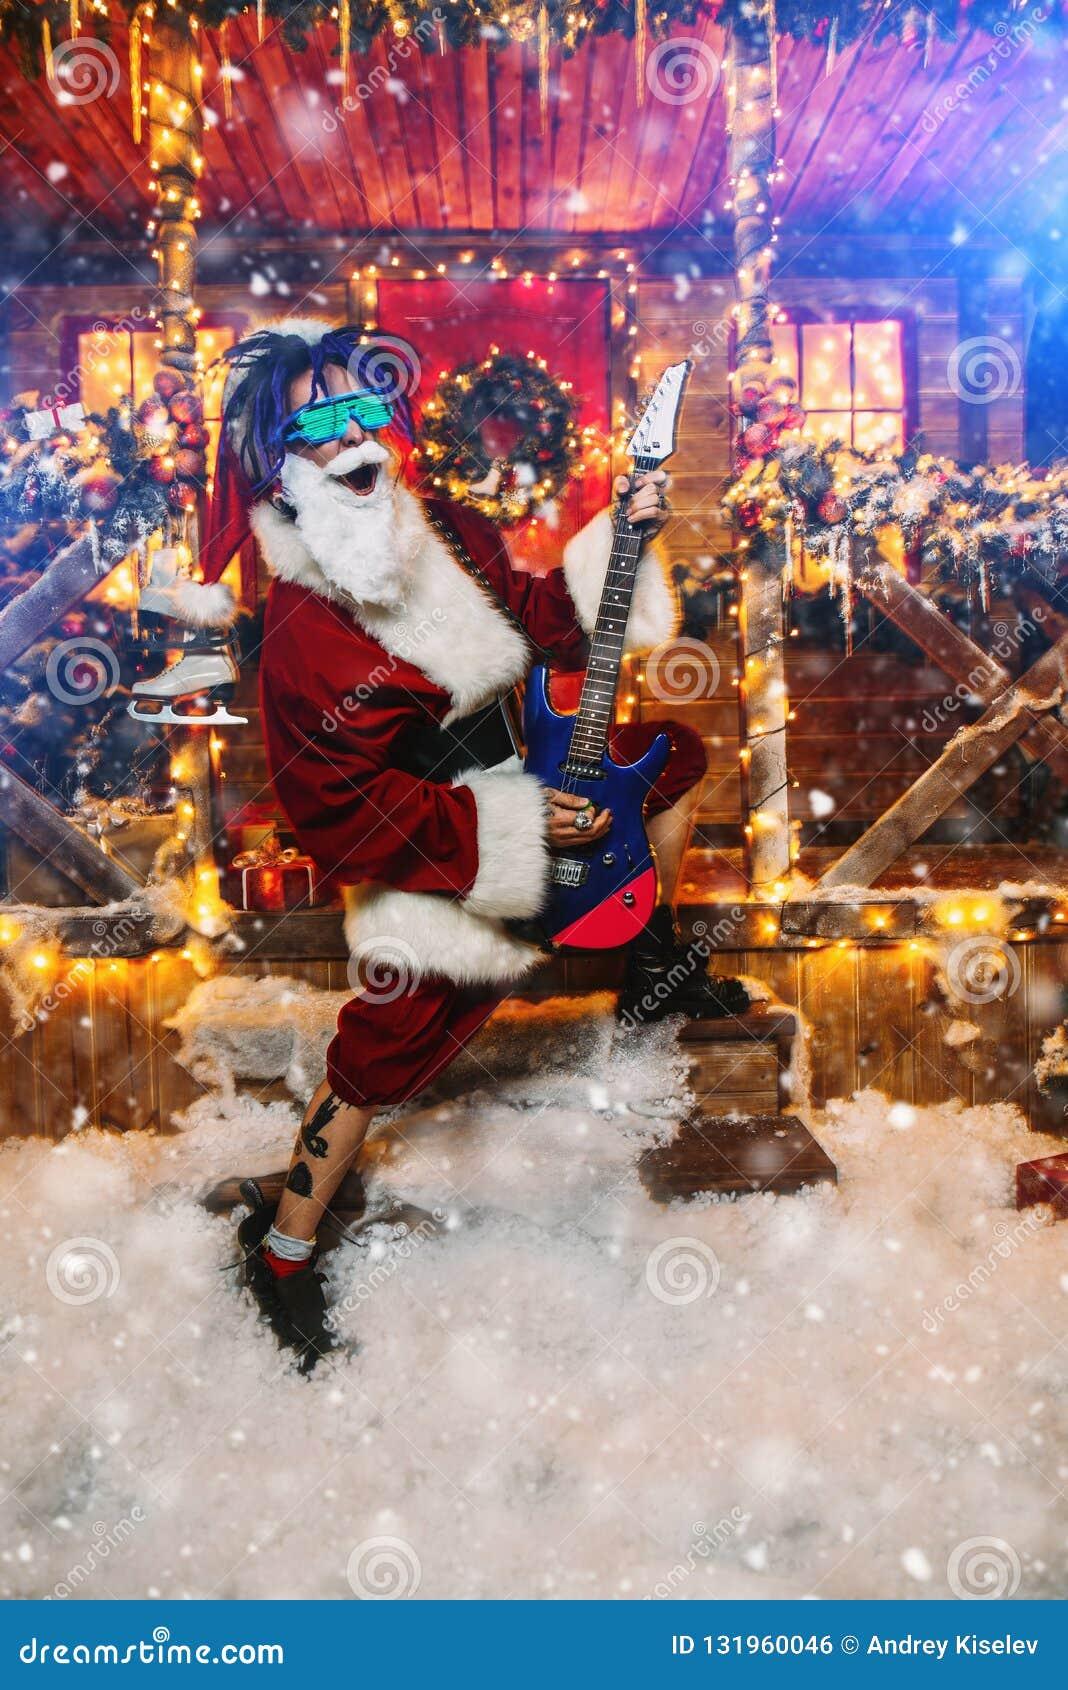 Rocker Weihnachtsmann